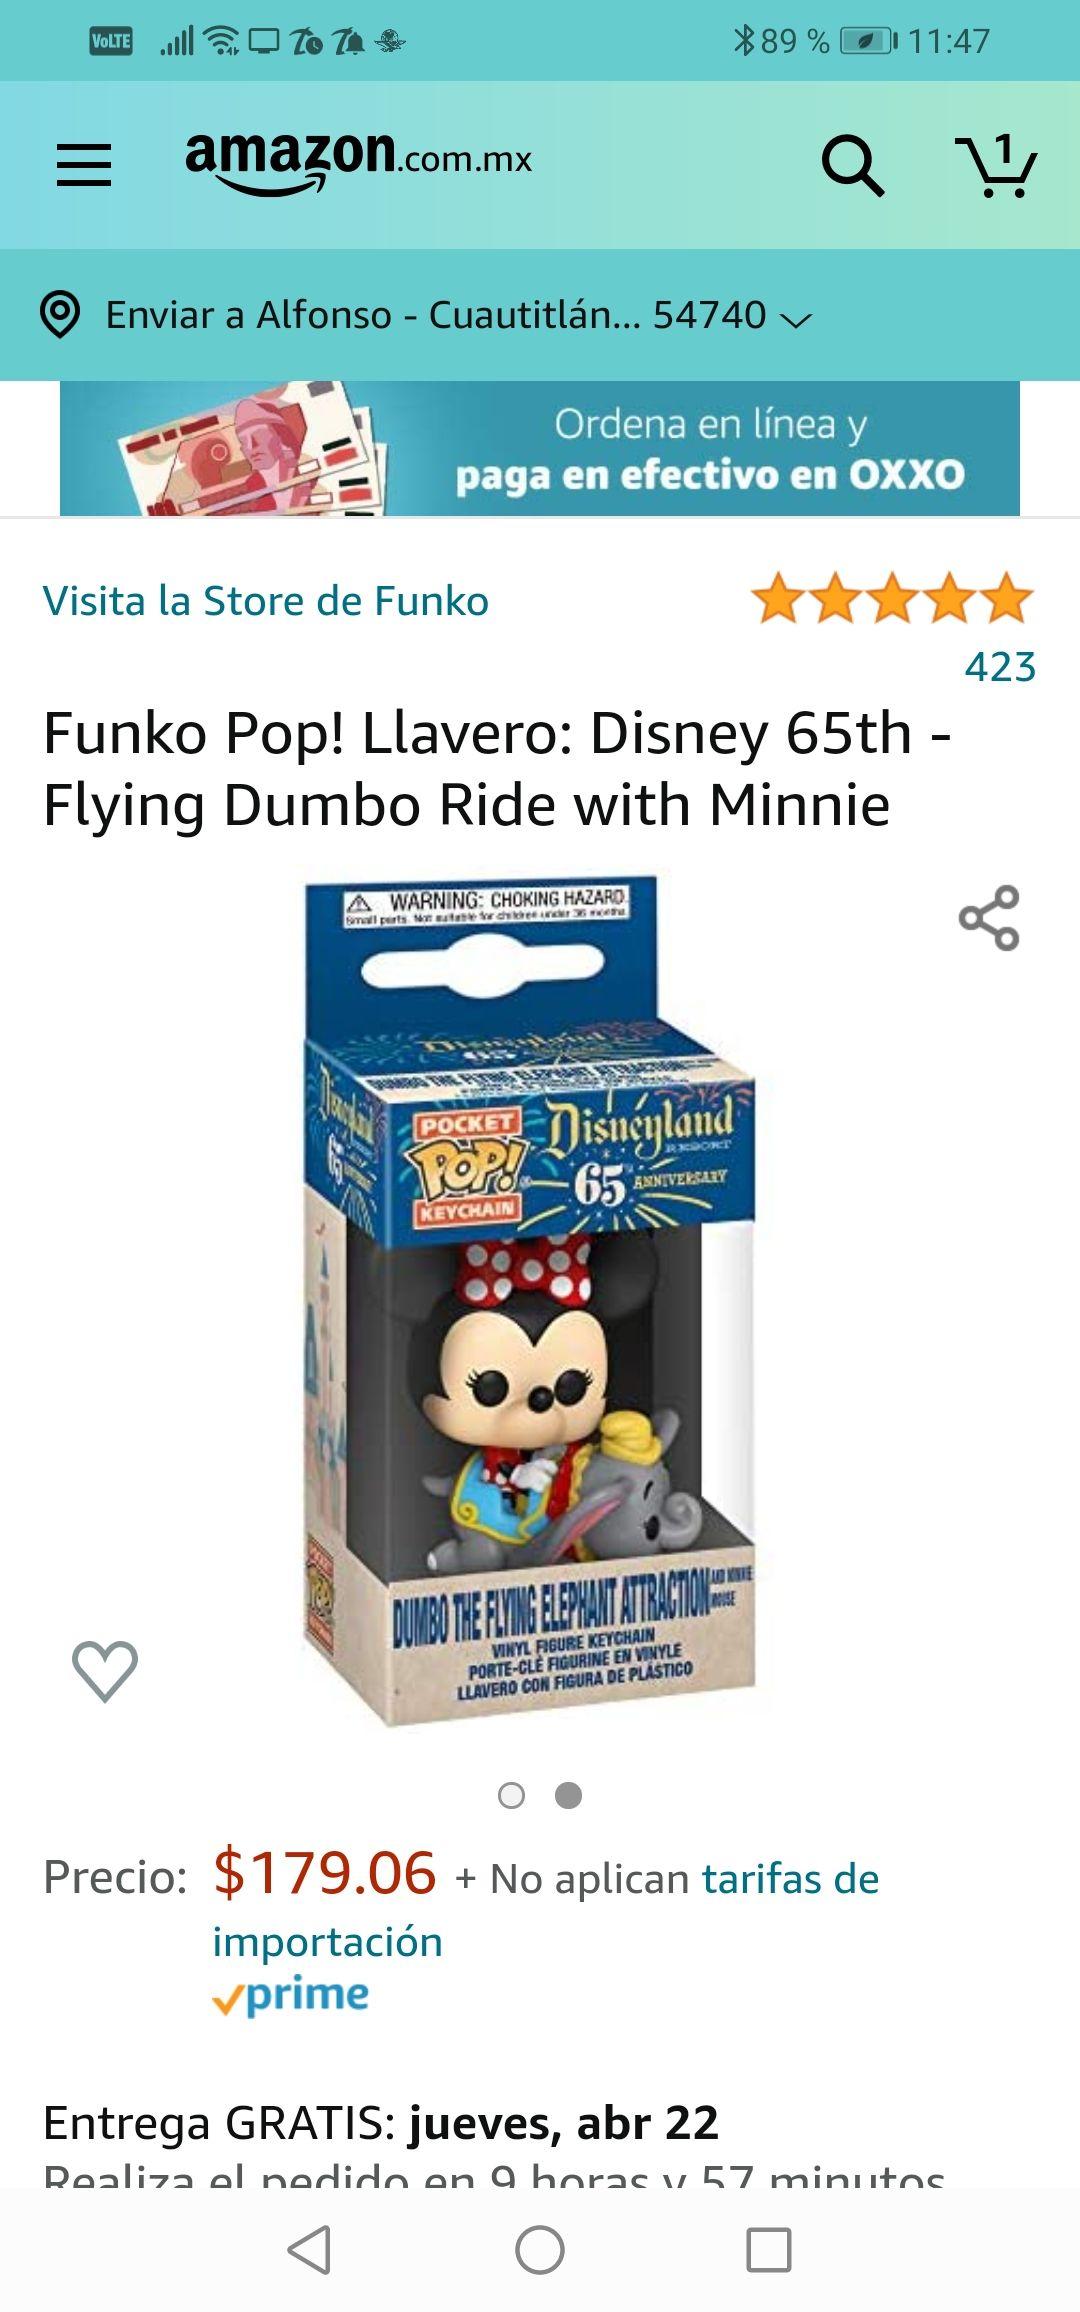 Amazon: Funko Pop! Llavero: Disney 65th - Flying Dumbo